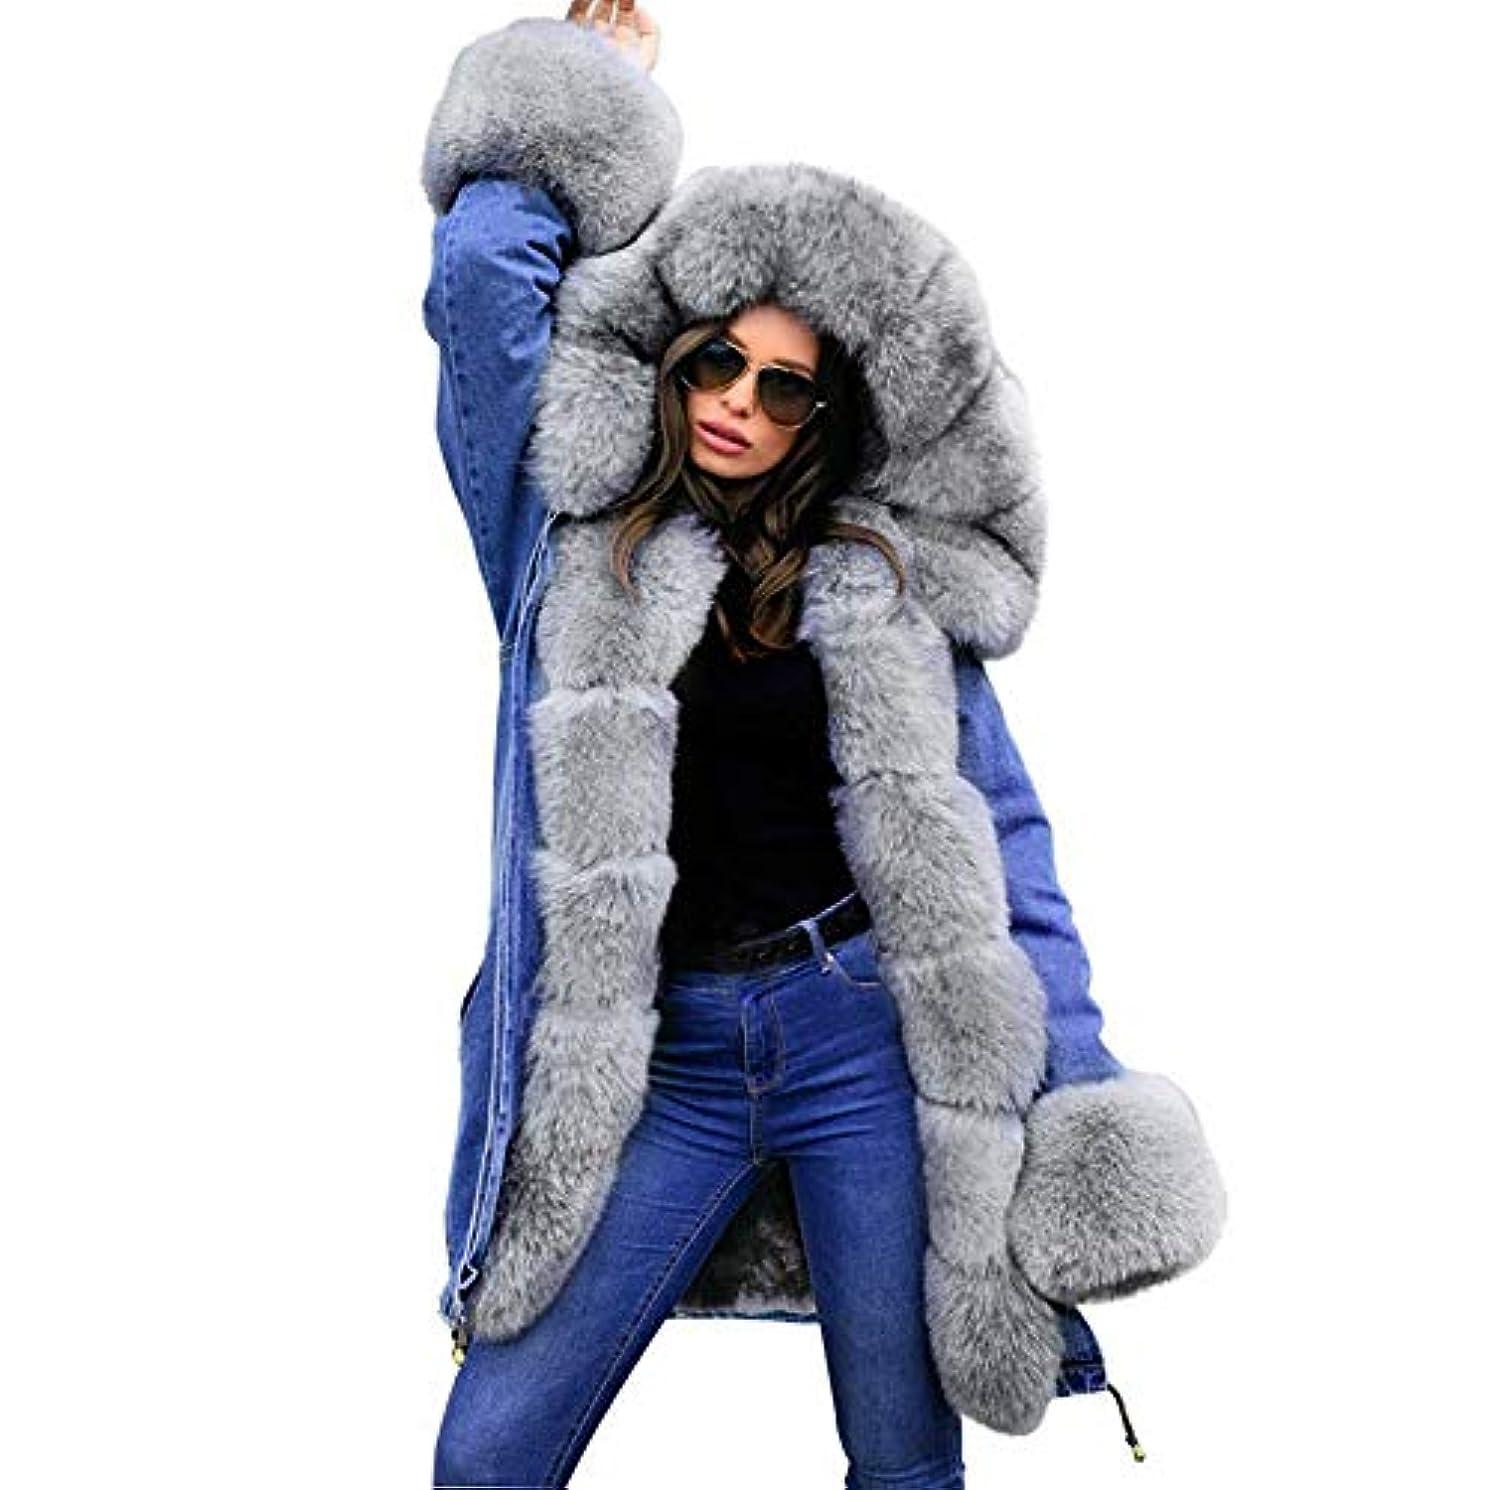 移民乳排除する冬の女性のフード付きコートの毛皮の襟暖かいロングコートの女性の冬のジャケット女性のアウター,S